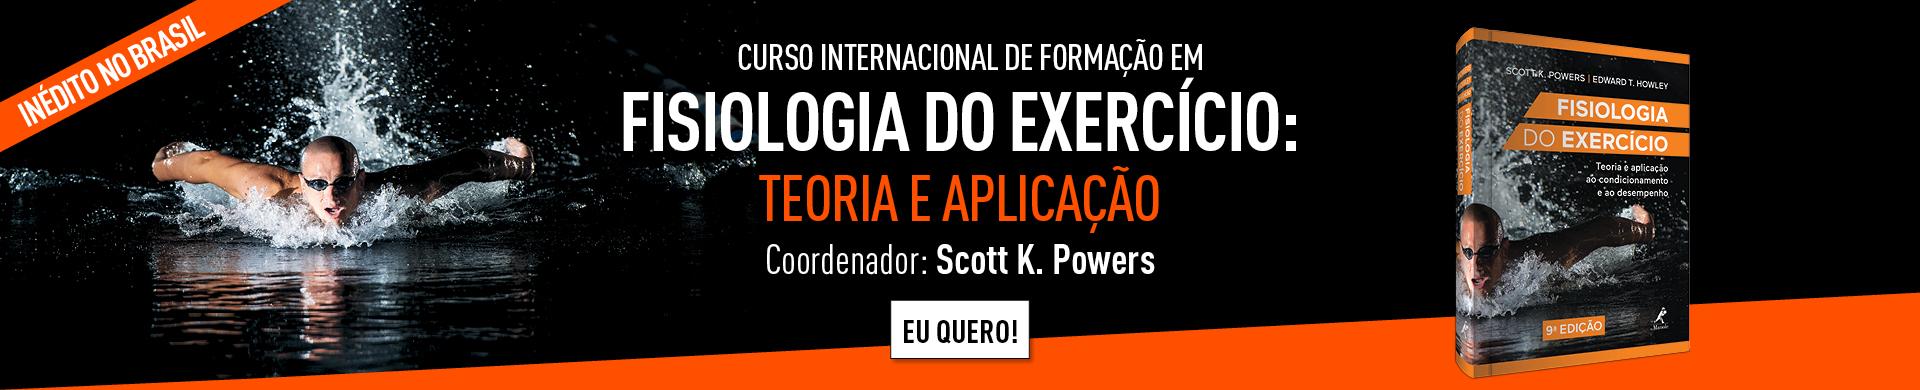 Fisiologia_Exercicio